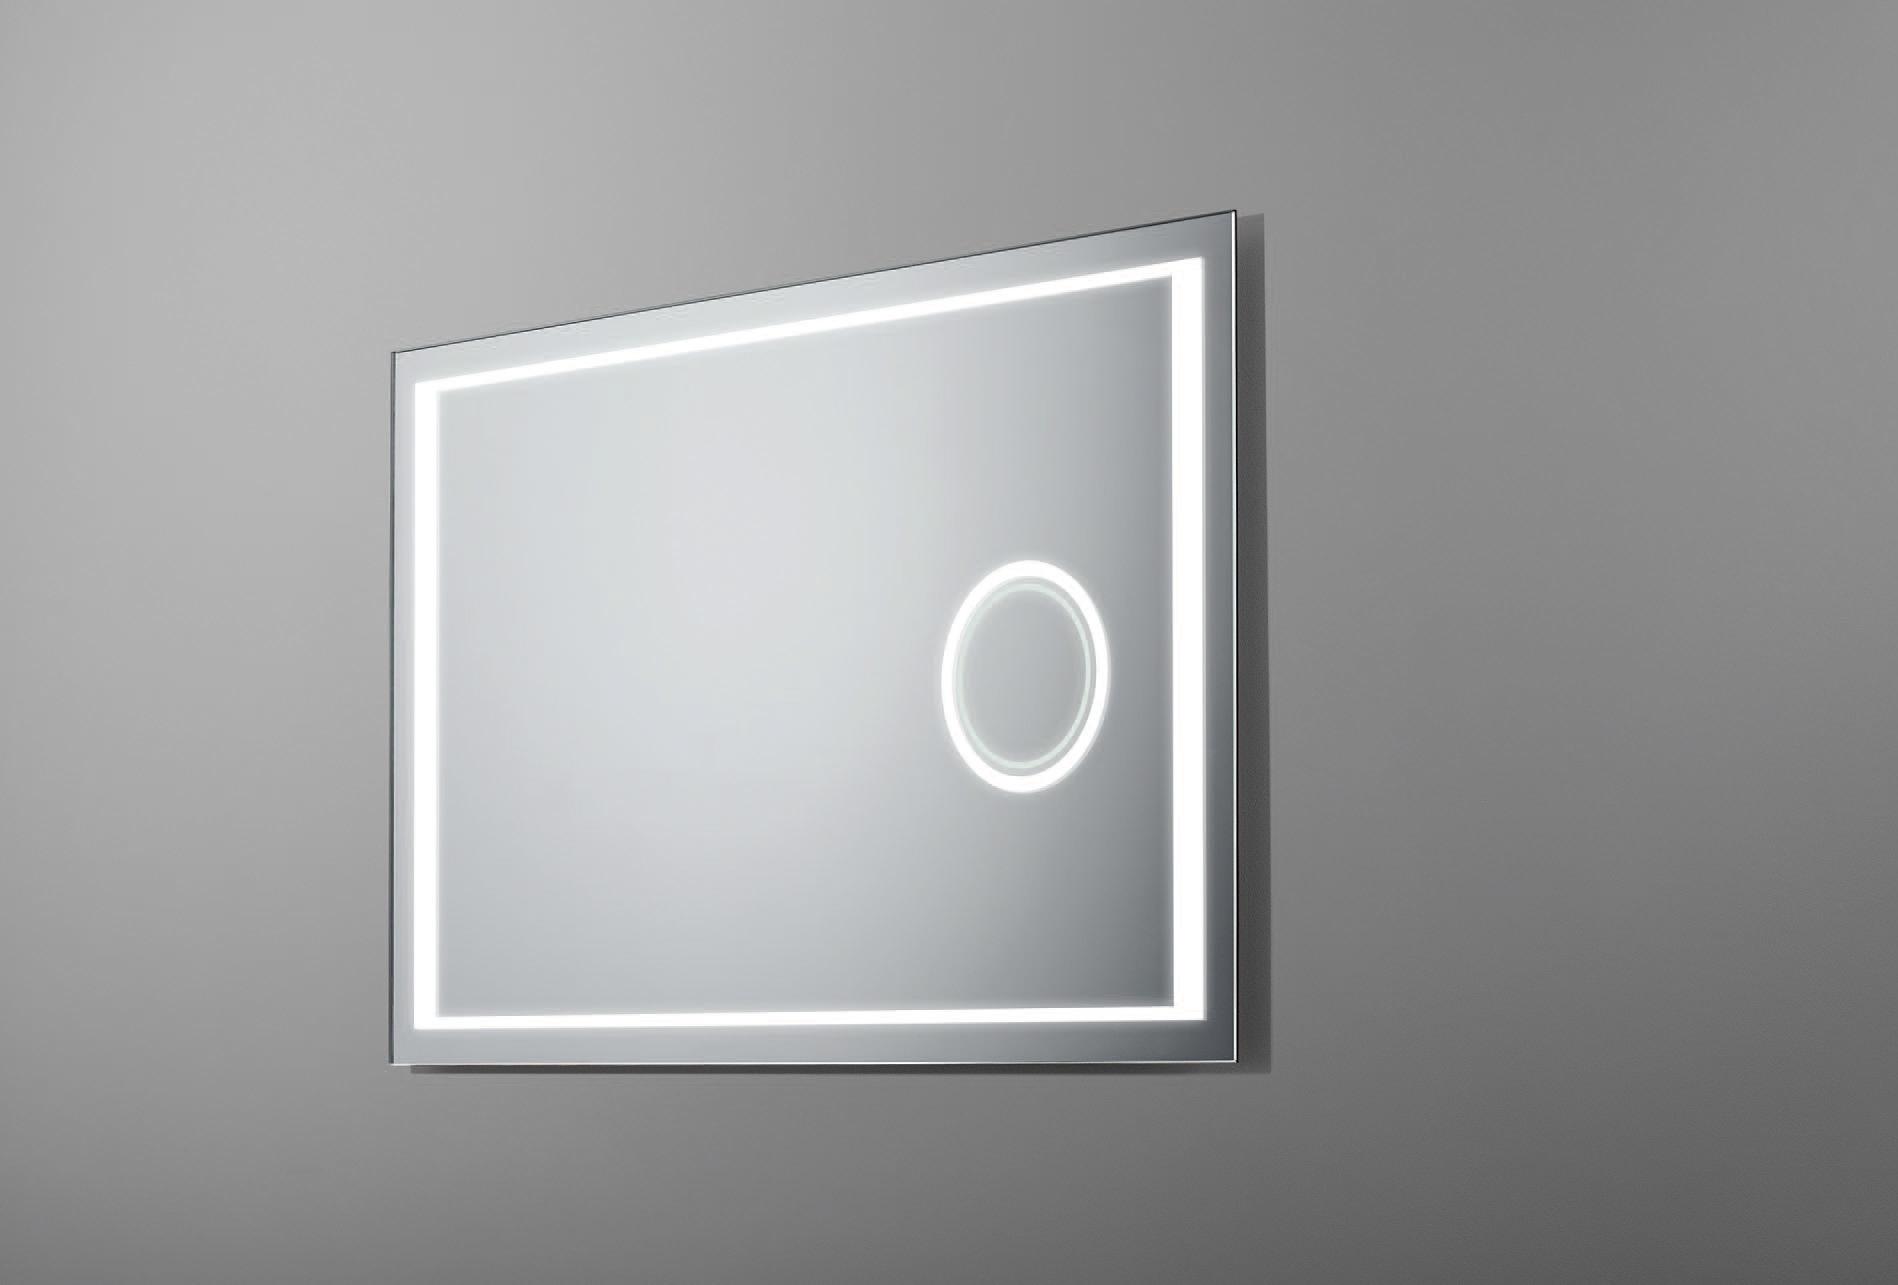 Spiegel Window Zoom